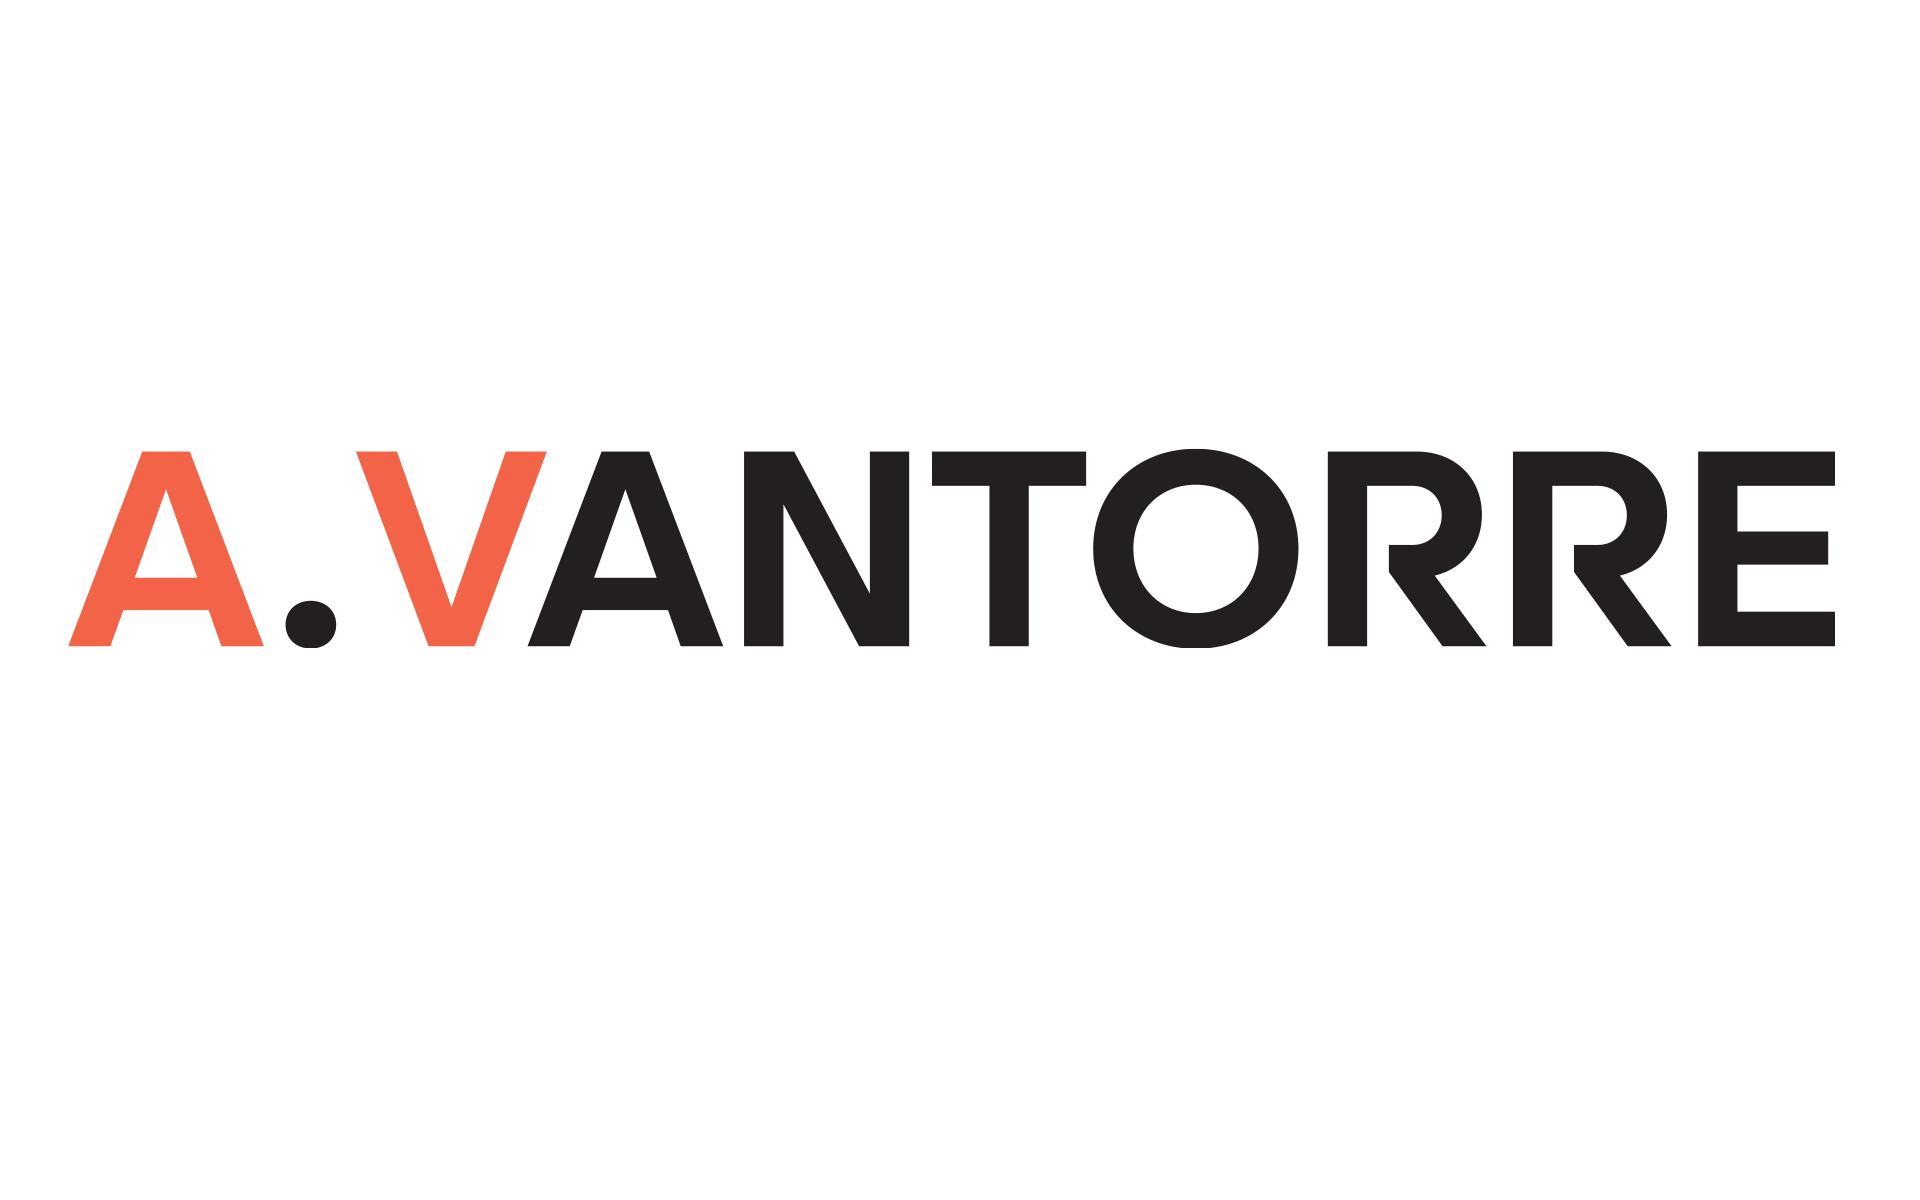 Andreas Vantorre, Logotype, Herleitung der Wortmarke